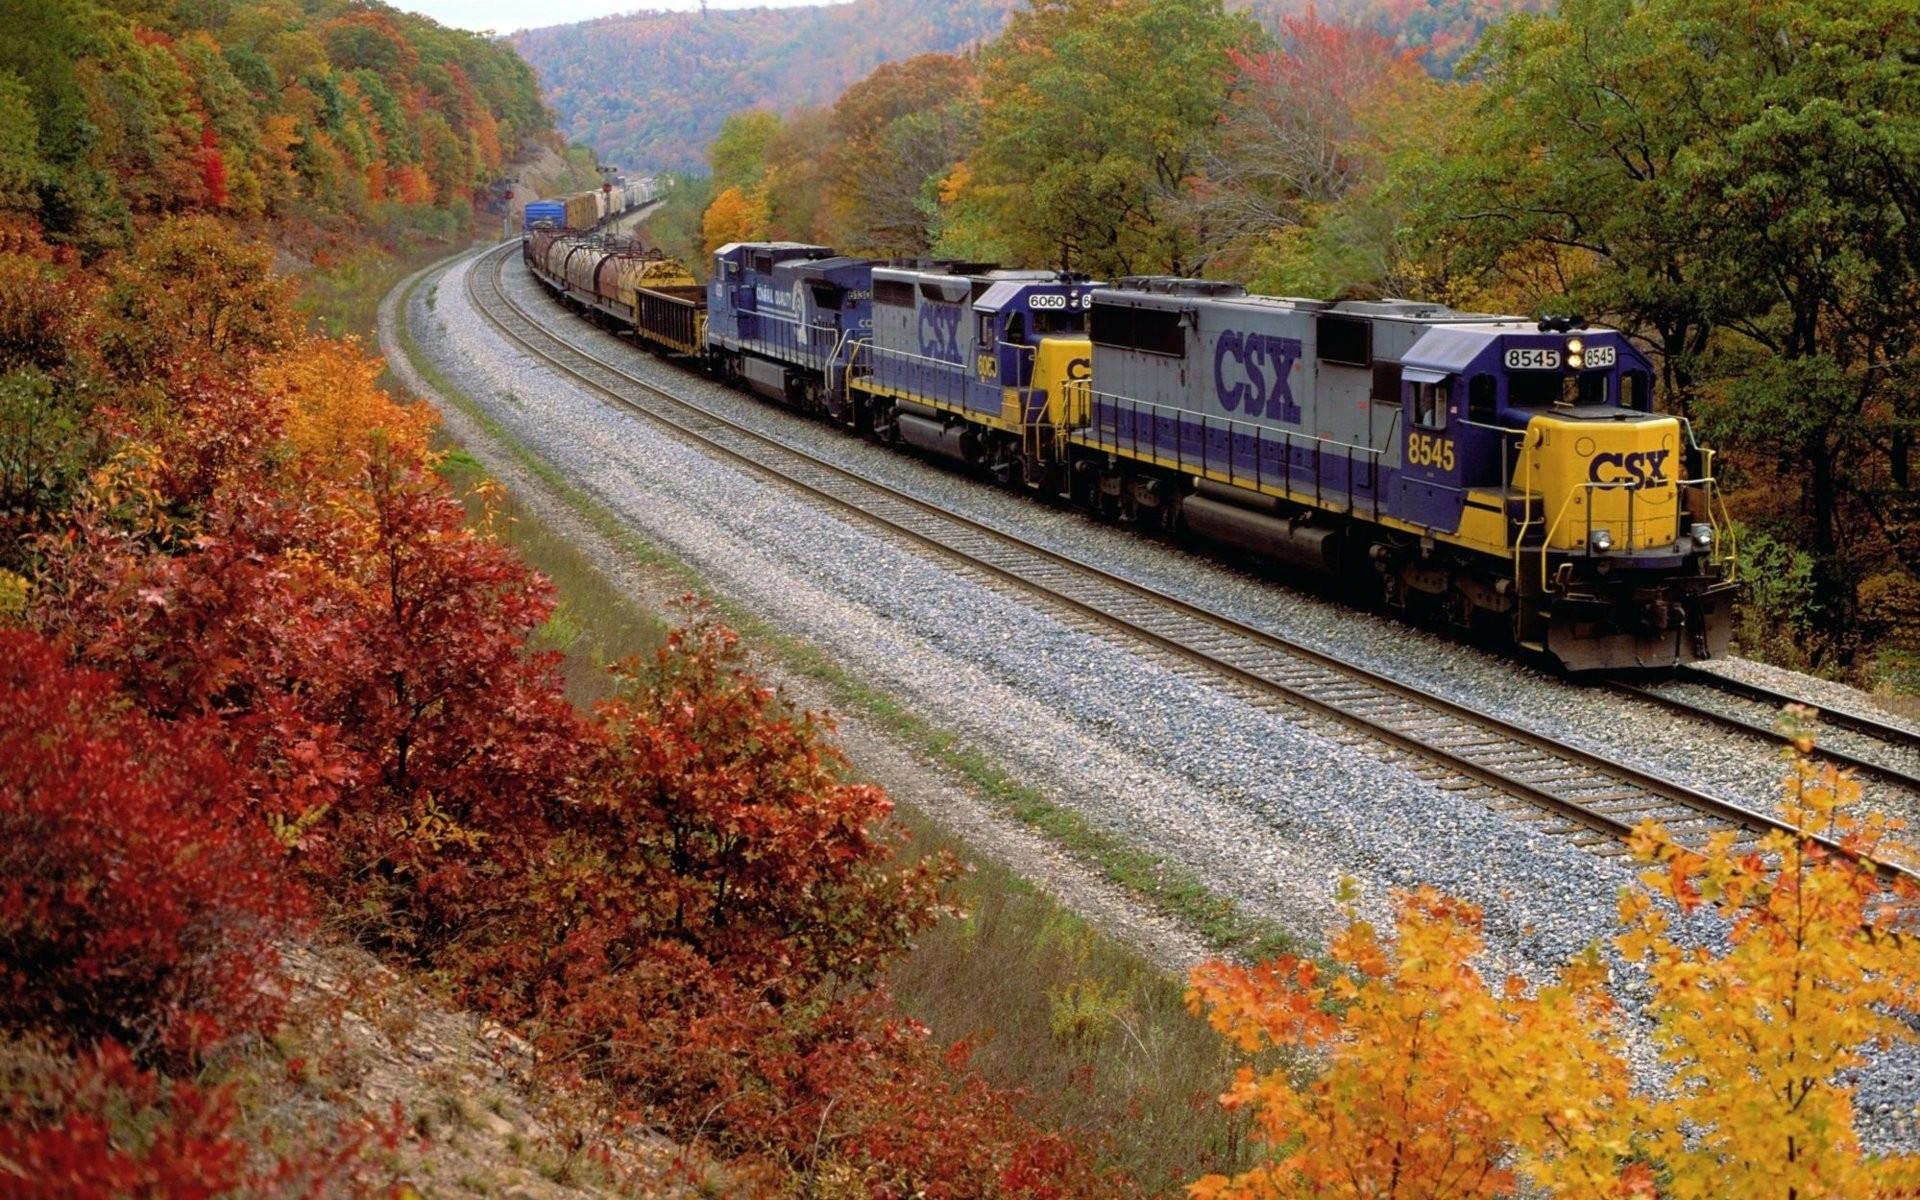 поезд, локомотив, состав